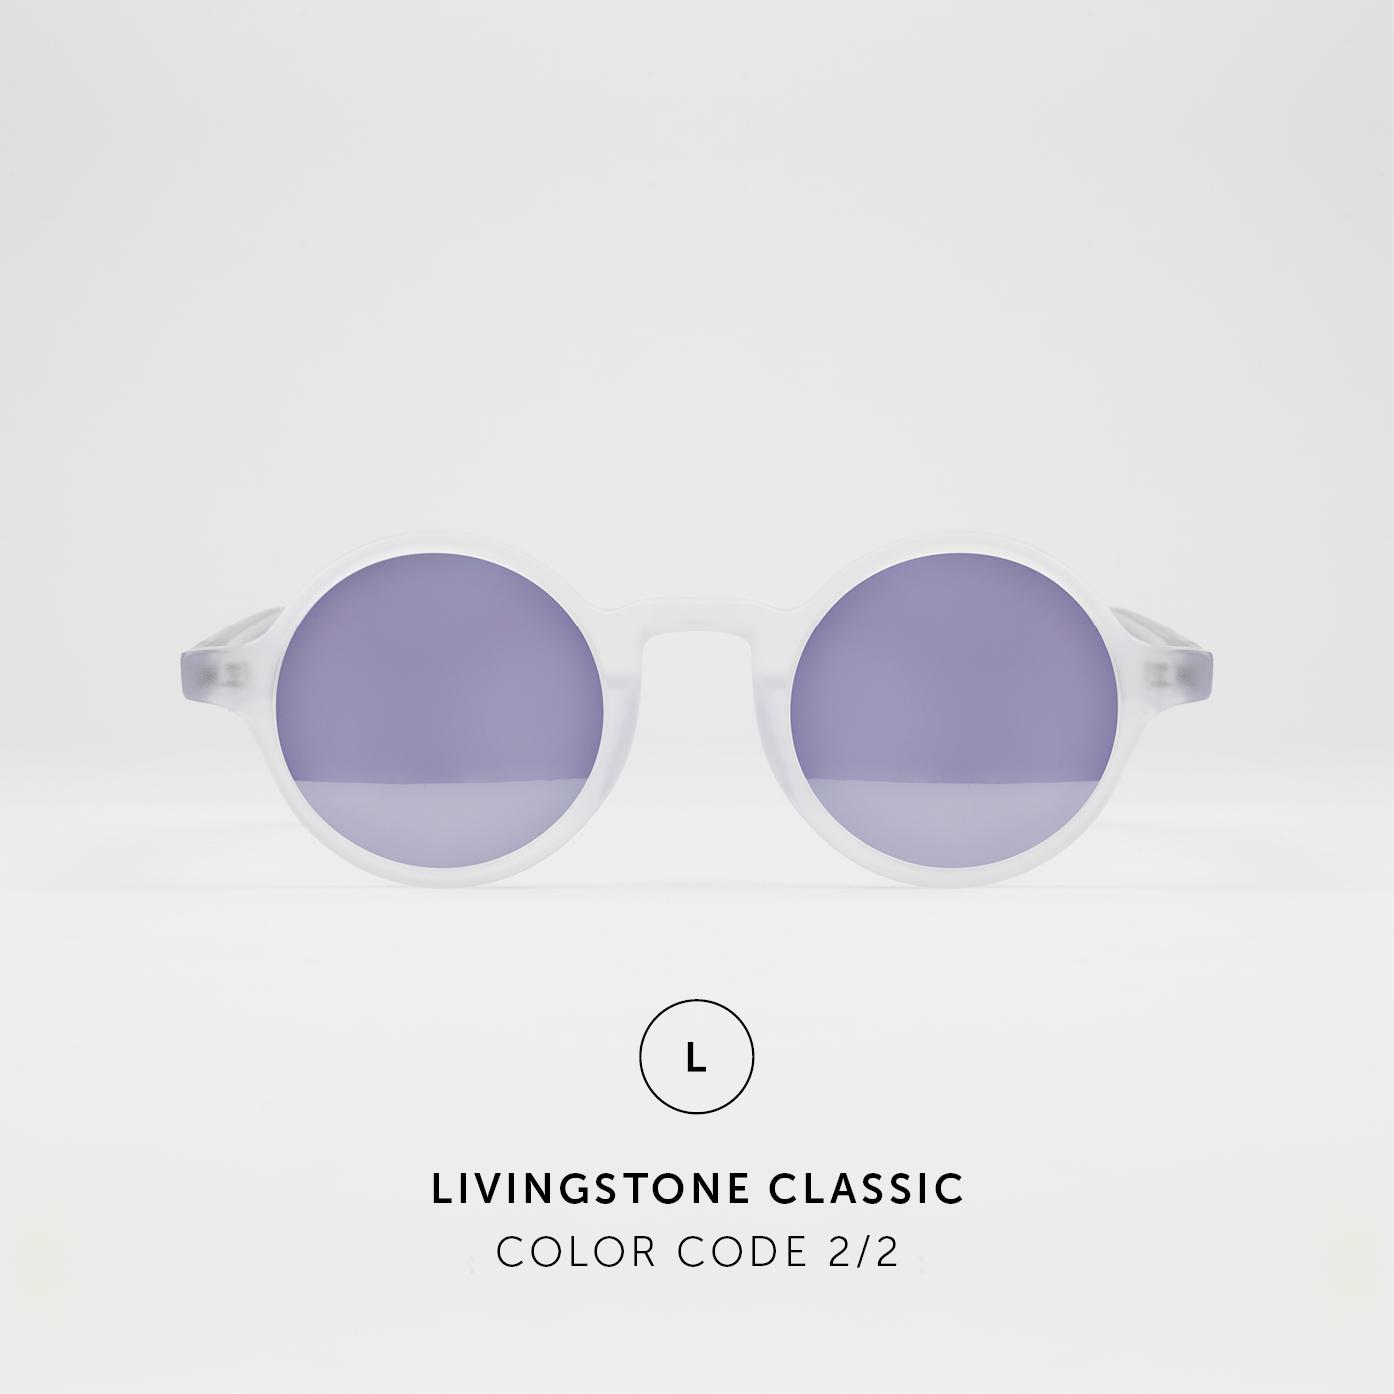 LivingstoneClassic20.jpg